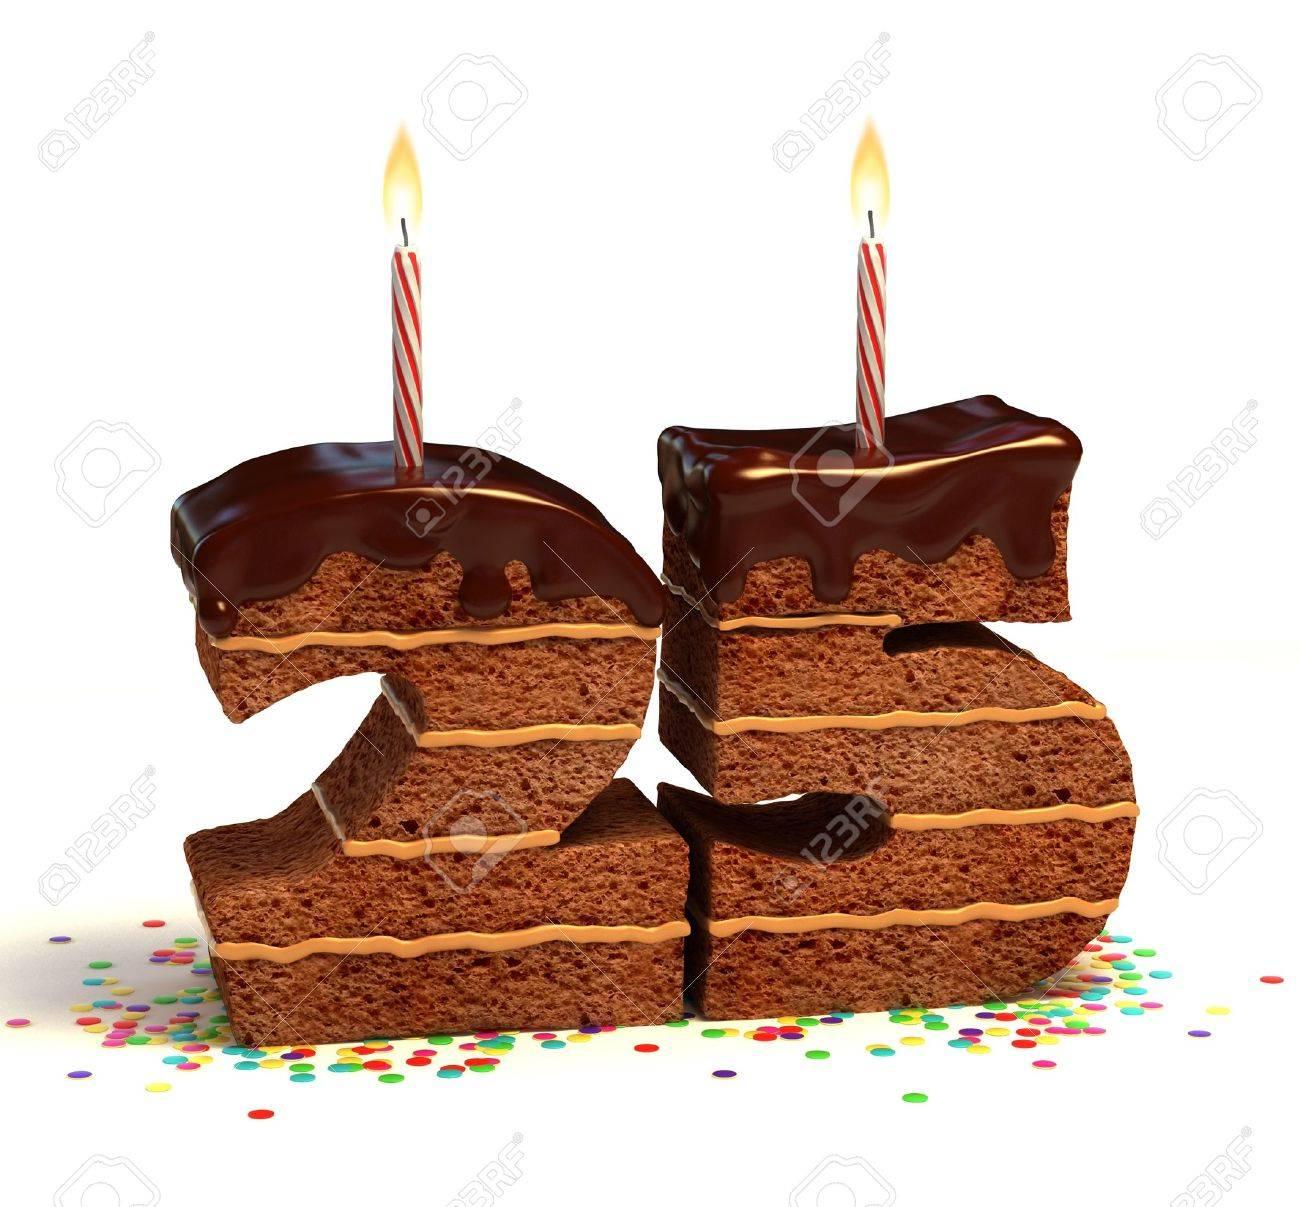 Chocolate Birthday Cake Von Konfetti Umgeben Mit Brennenden Kerze Fur Einen 25 Geburtstag Oder Jubilaum